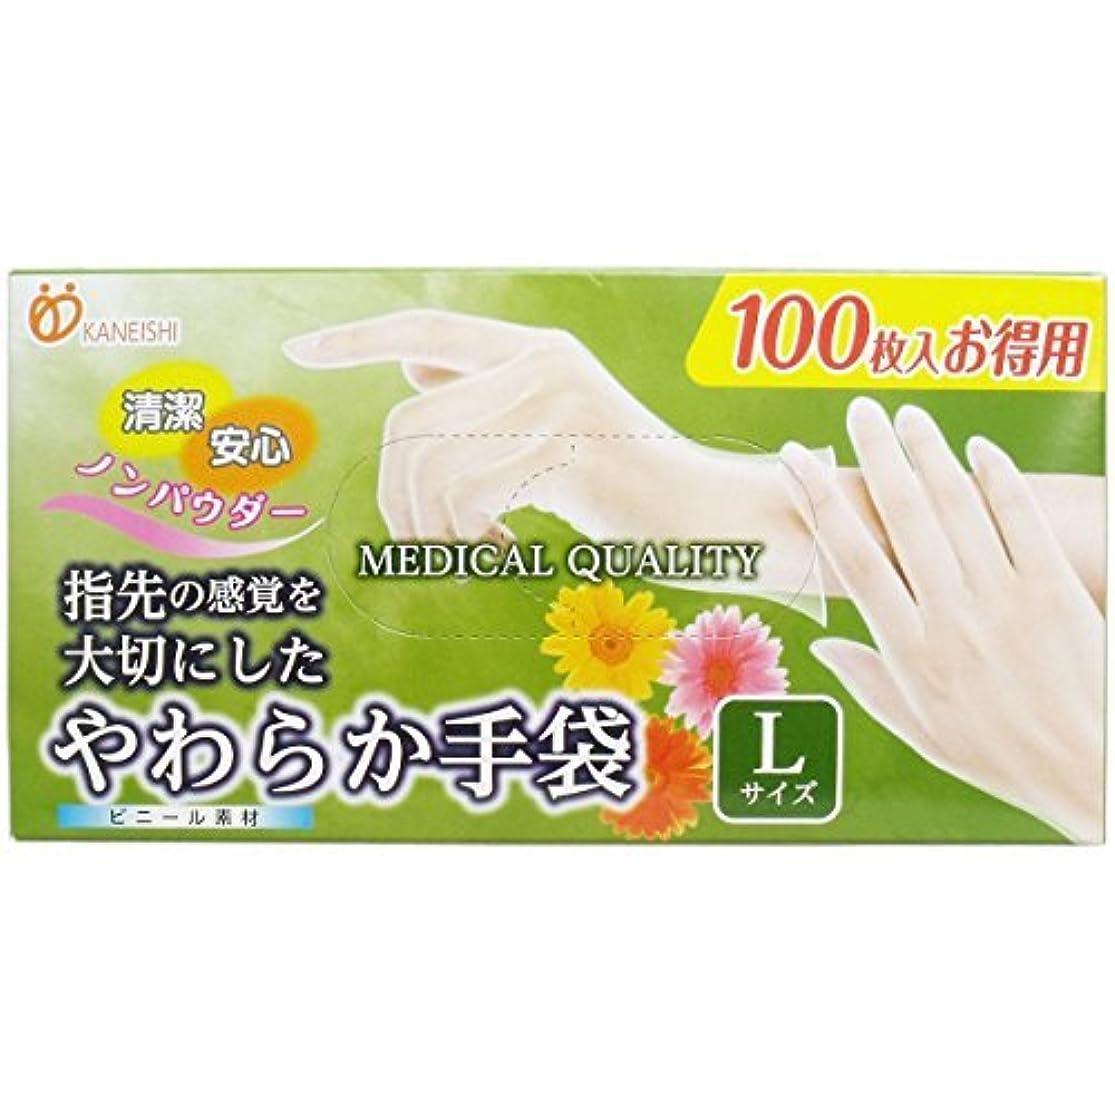 補助細分化する本会議やわらか手袋 ビニール素材 Lサイズ 100枚入x8